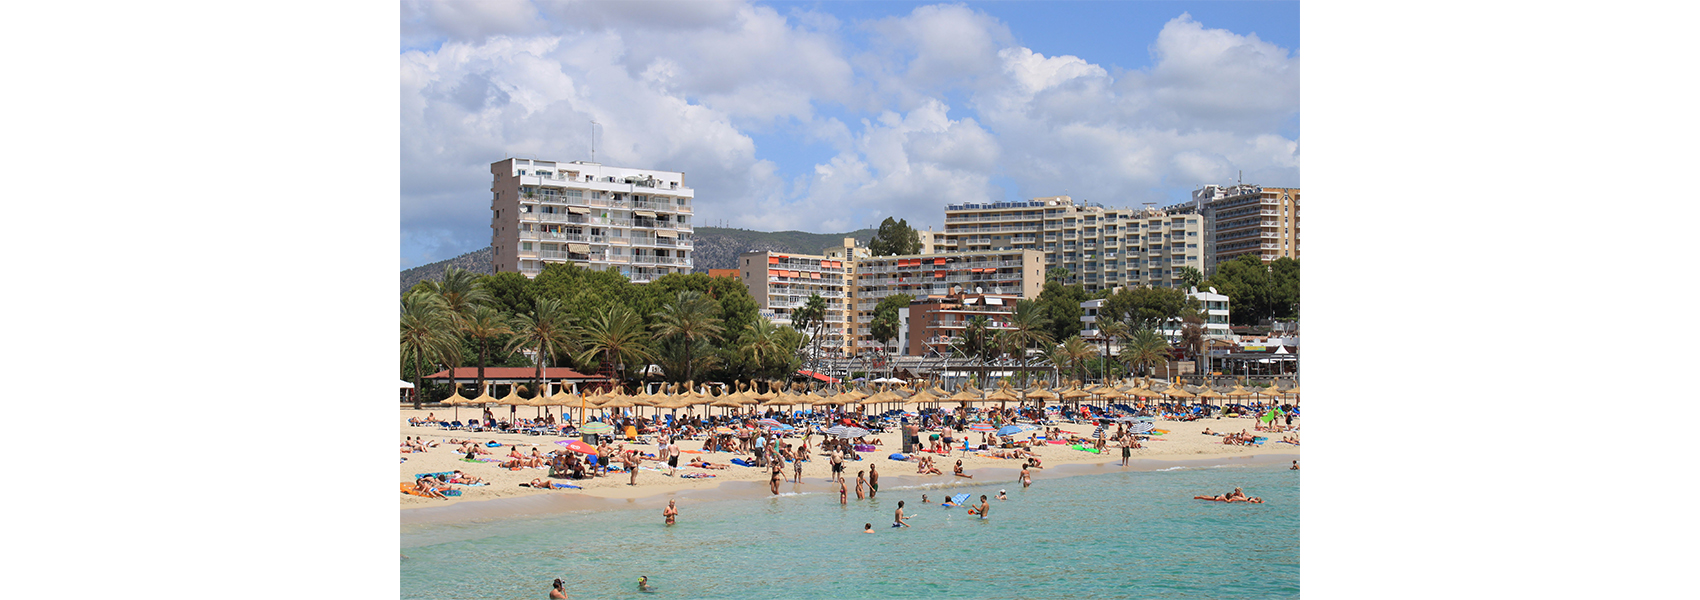 Retos de la adaptación del turismo al cambio climático en la Costa Balear